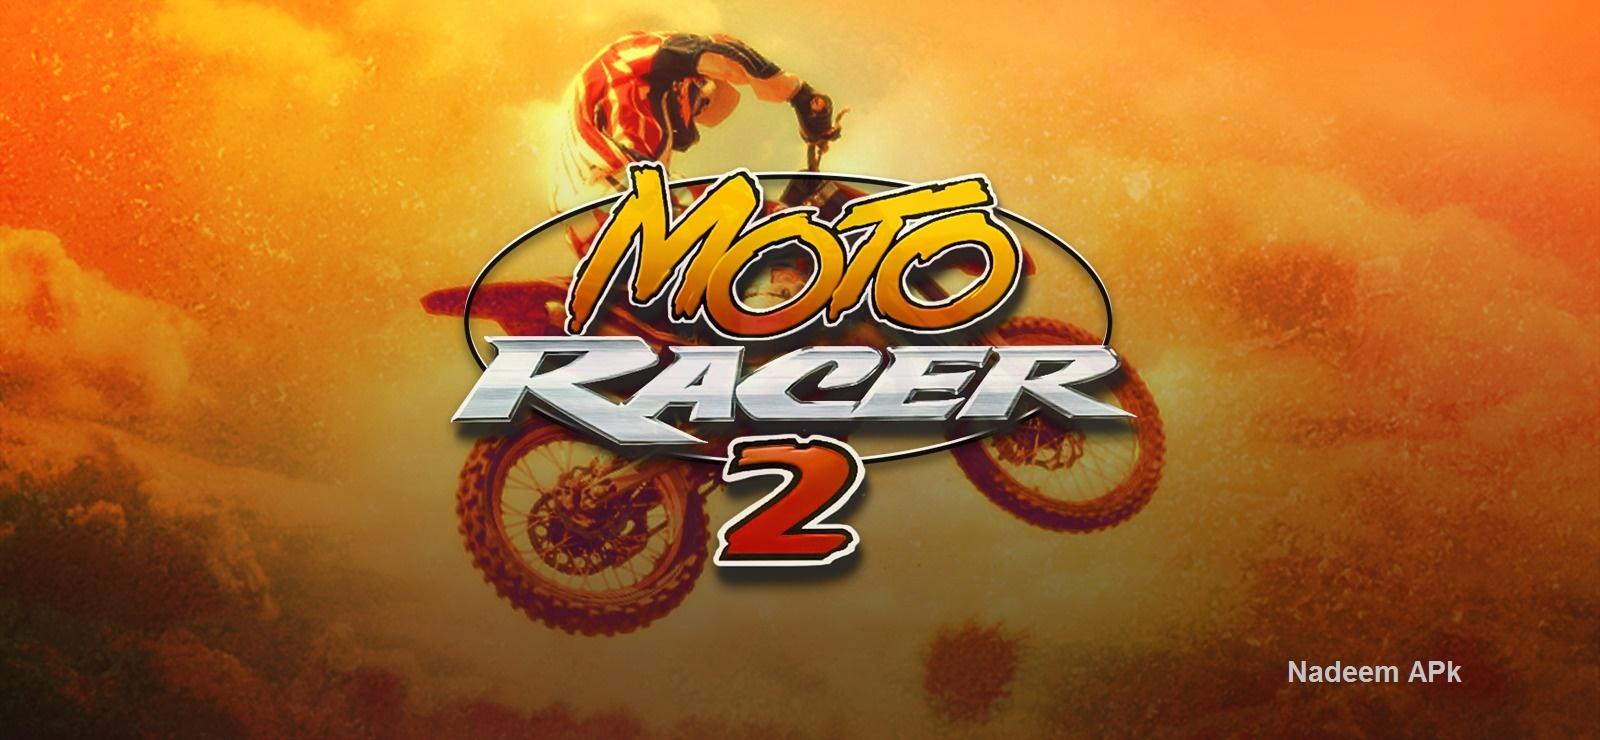 Moto racing 2 game free download.